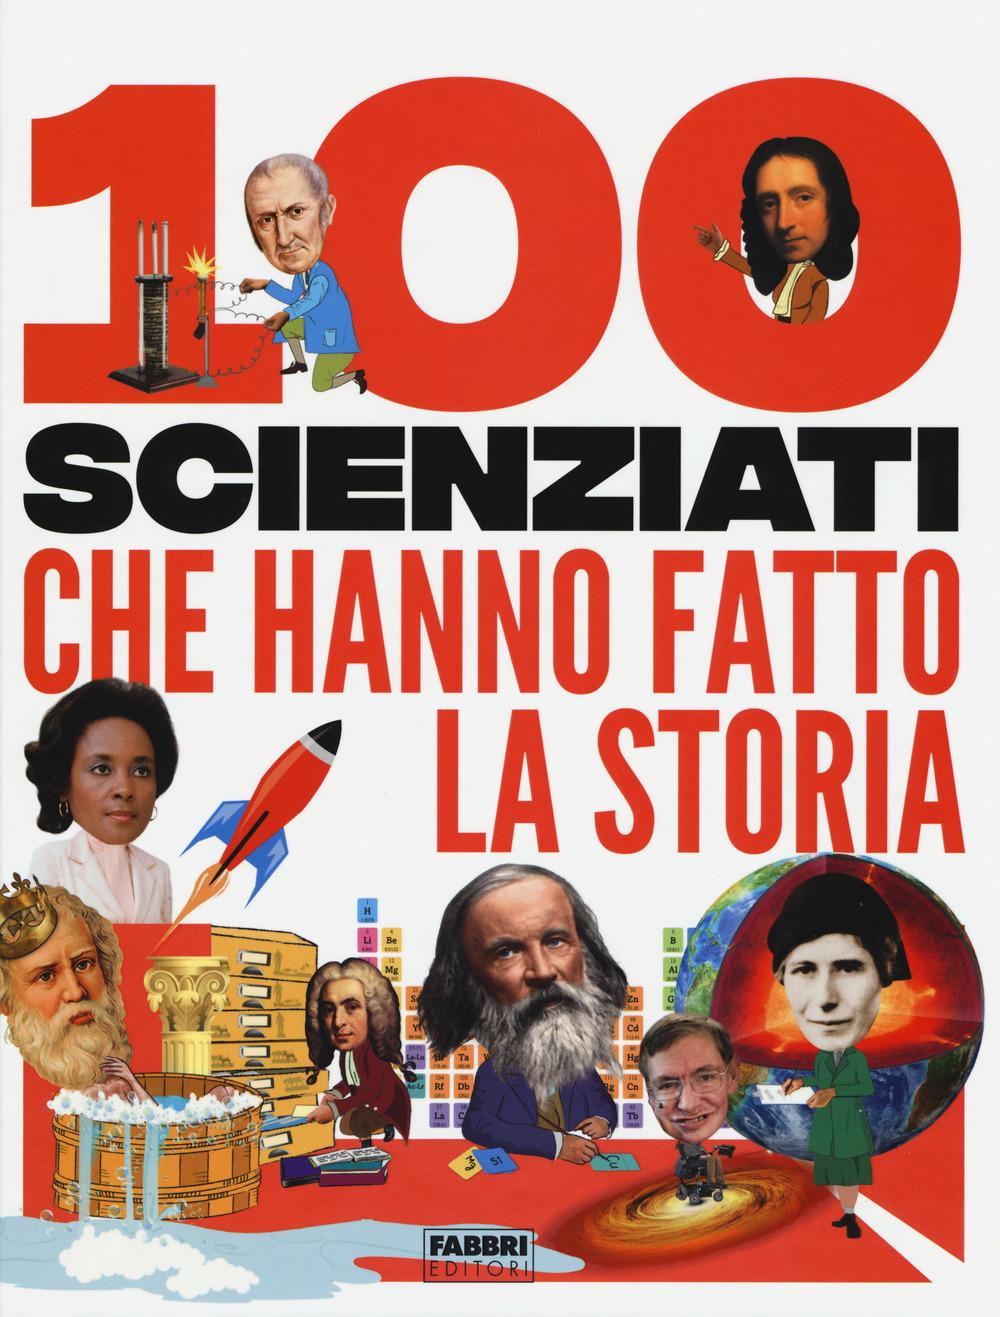 100 scienziati che hanno fatto la storia